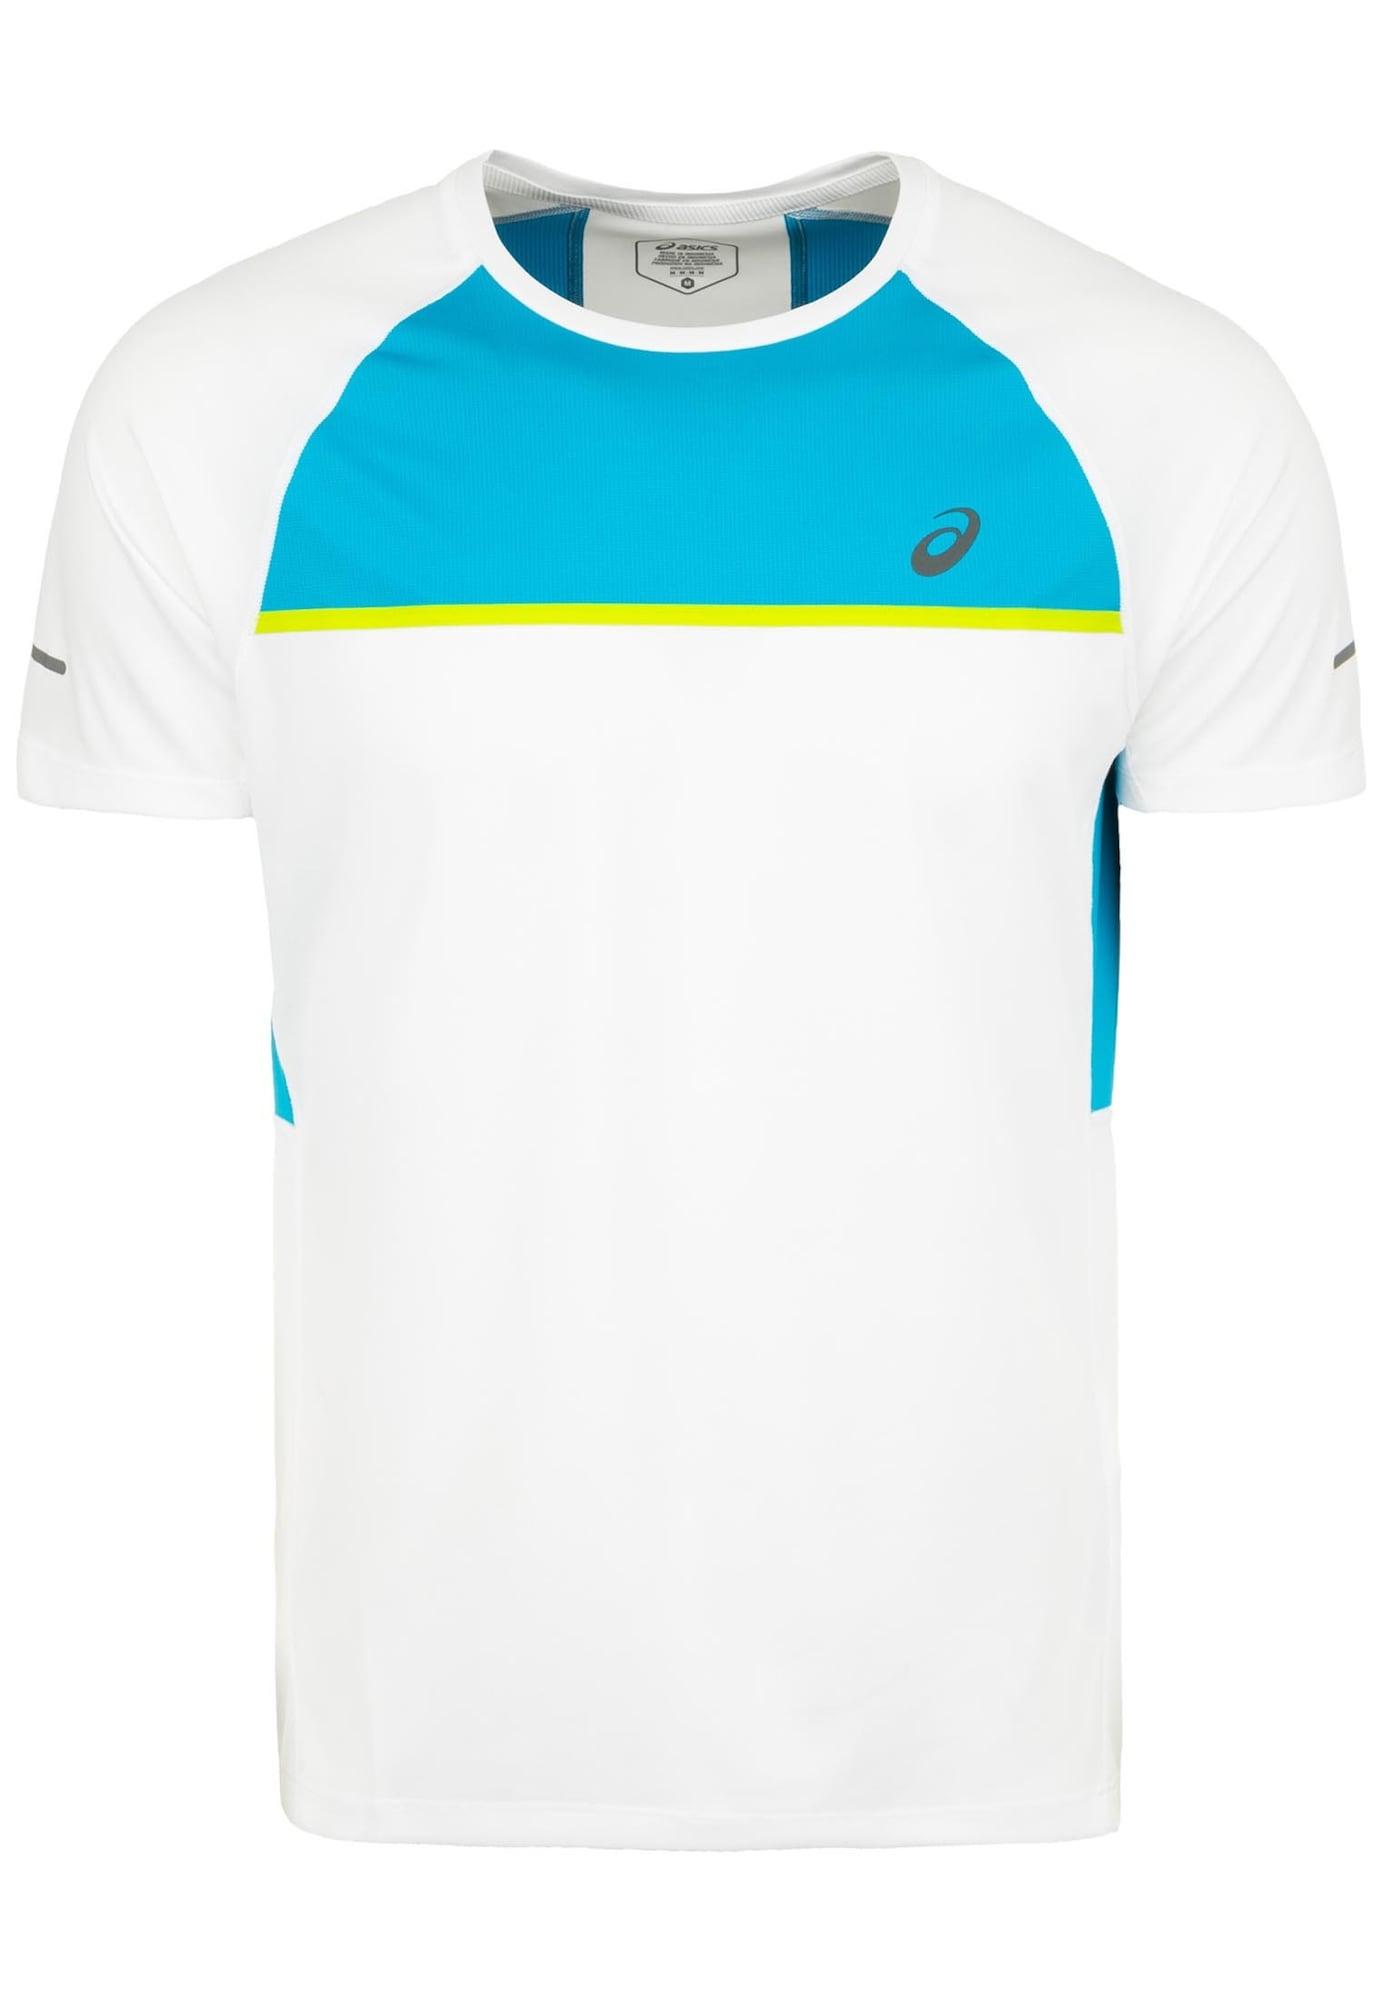 'Seamless' Laufshirt | Sportbekleidung > Sportshirts > Laufshirts | Blau - Weiß | ASICS